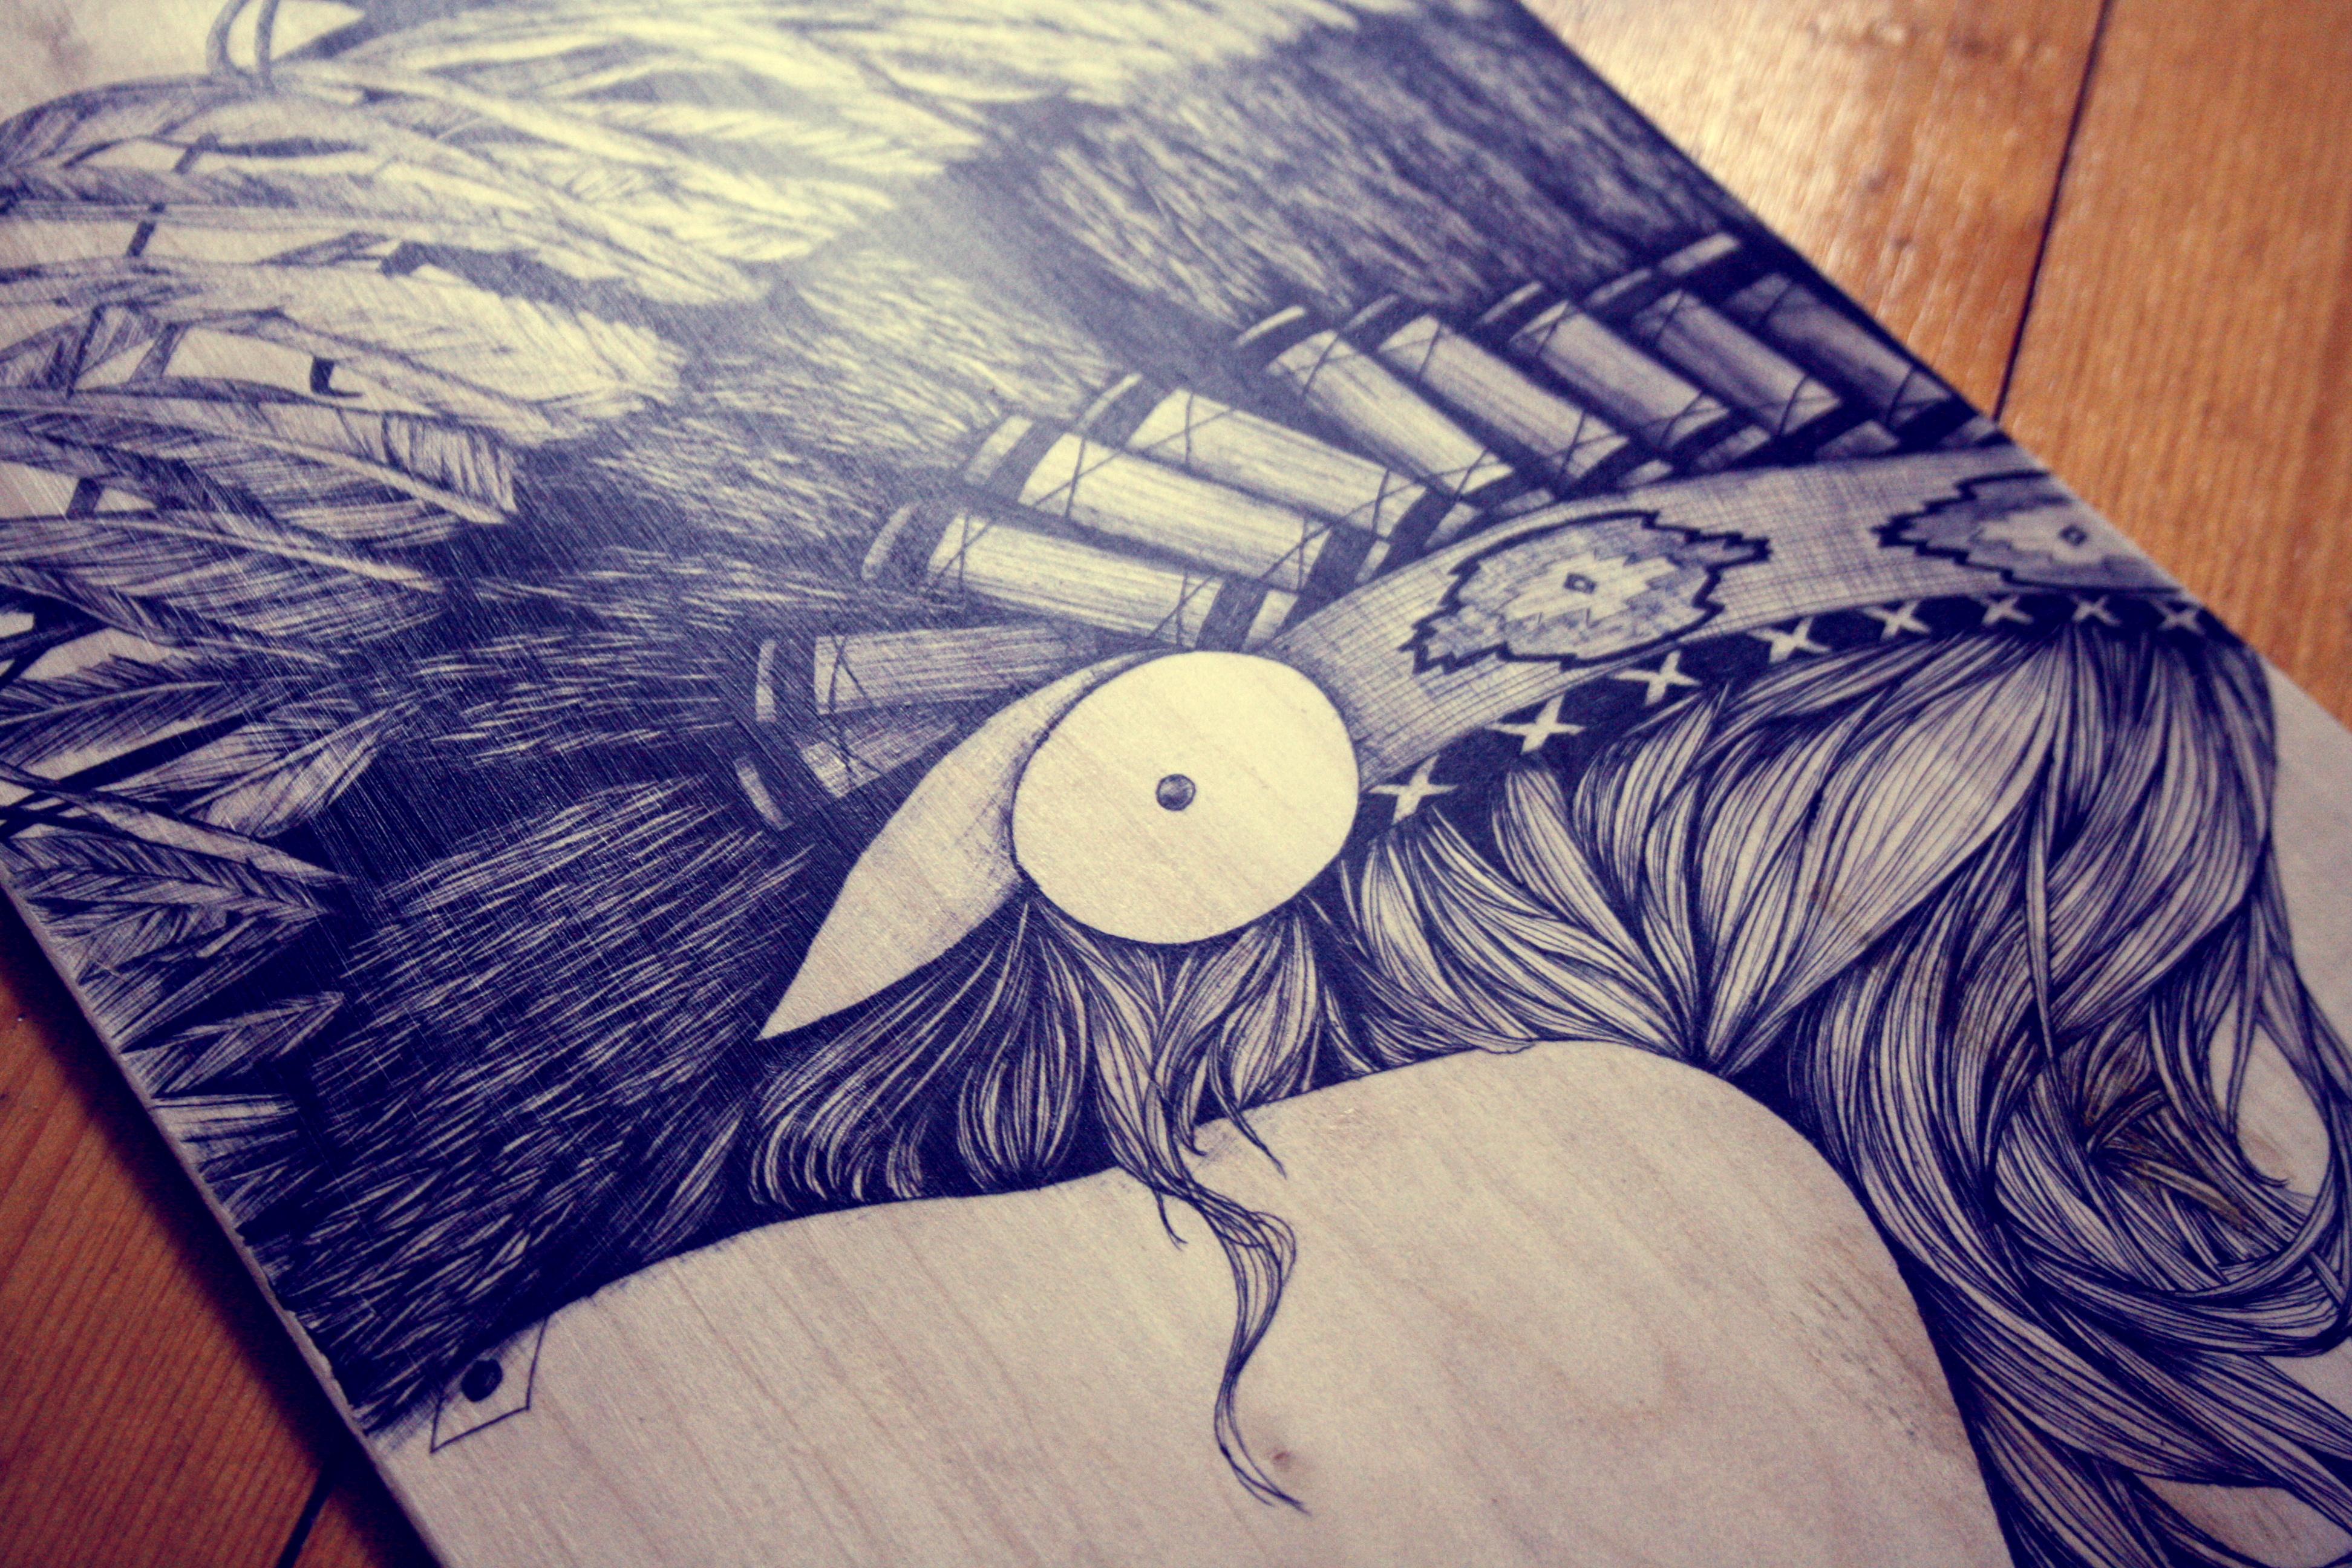 Courtesy of Cheyenne Illustration.